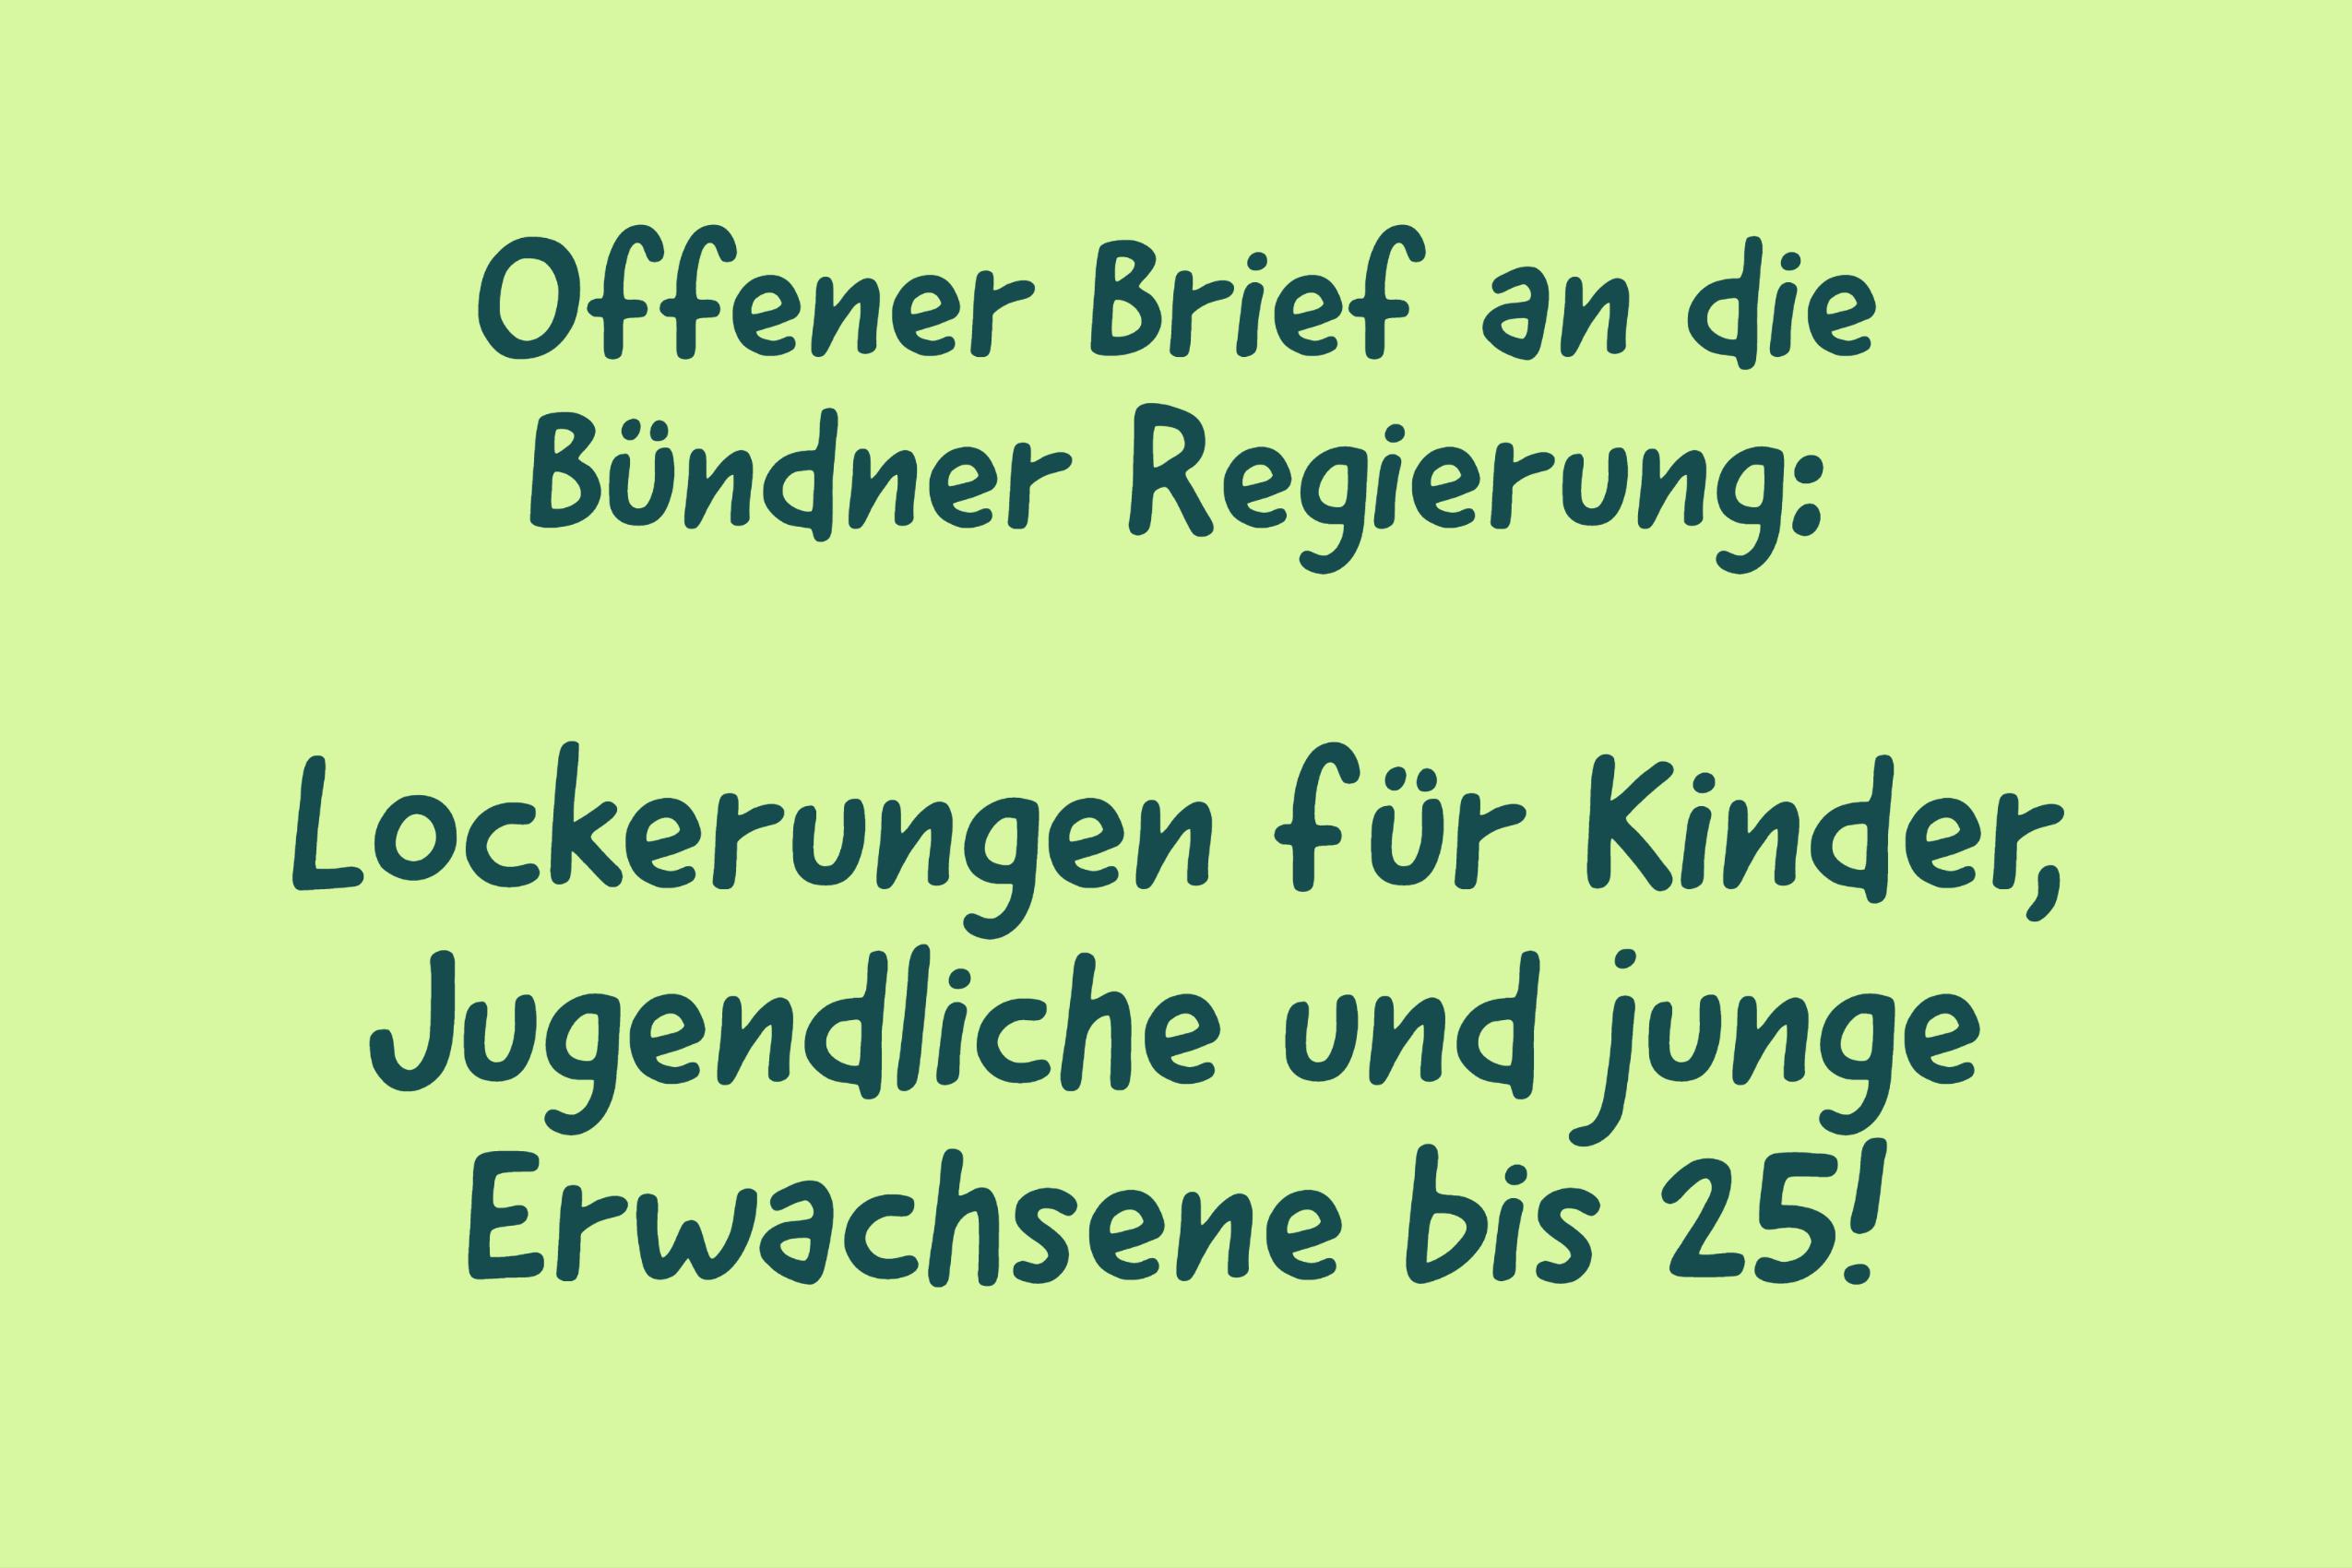 Offener Brief: Kinder und Jugendliche nicht vergessen!